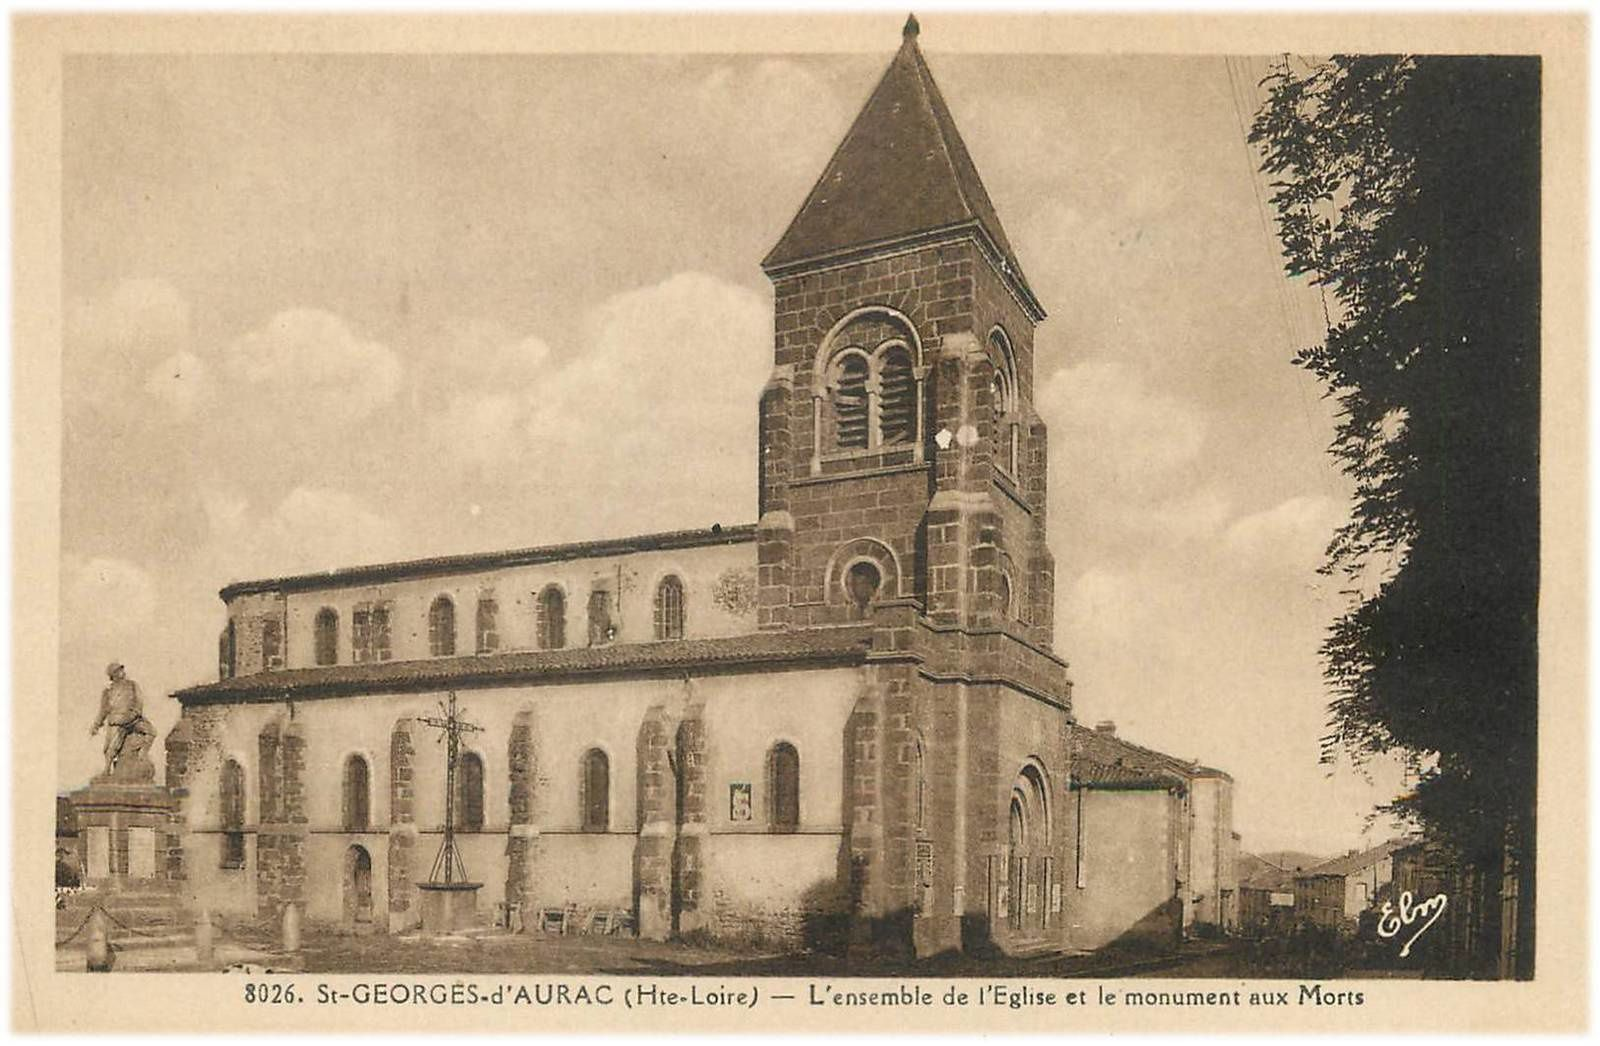 Il était une fois saint Georges d'Aurac